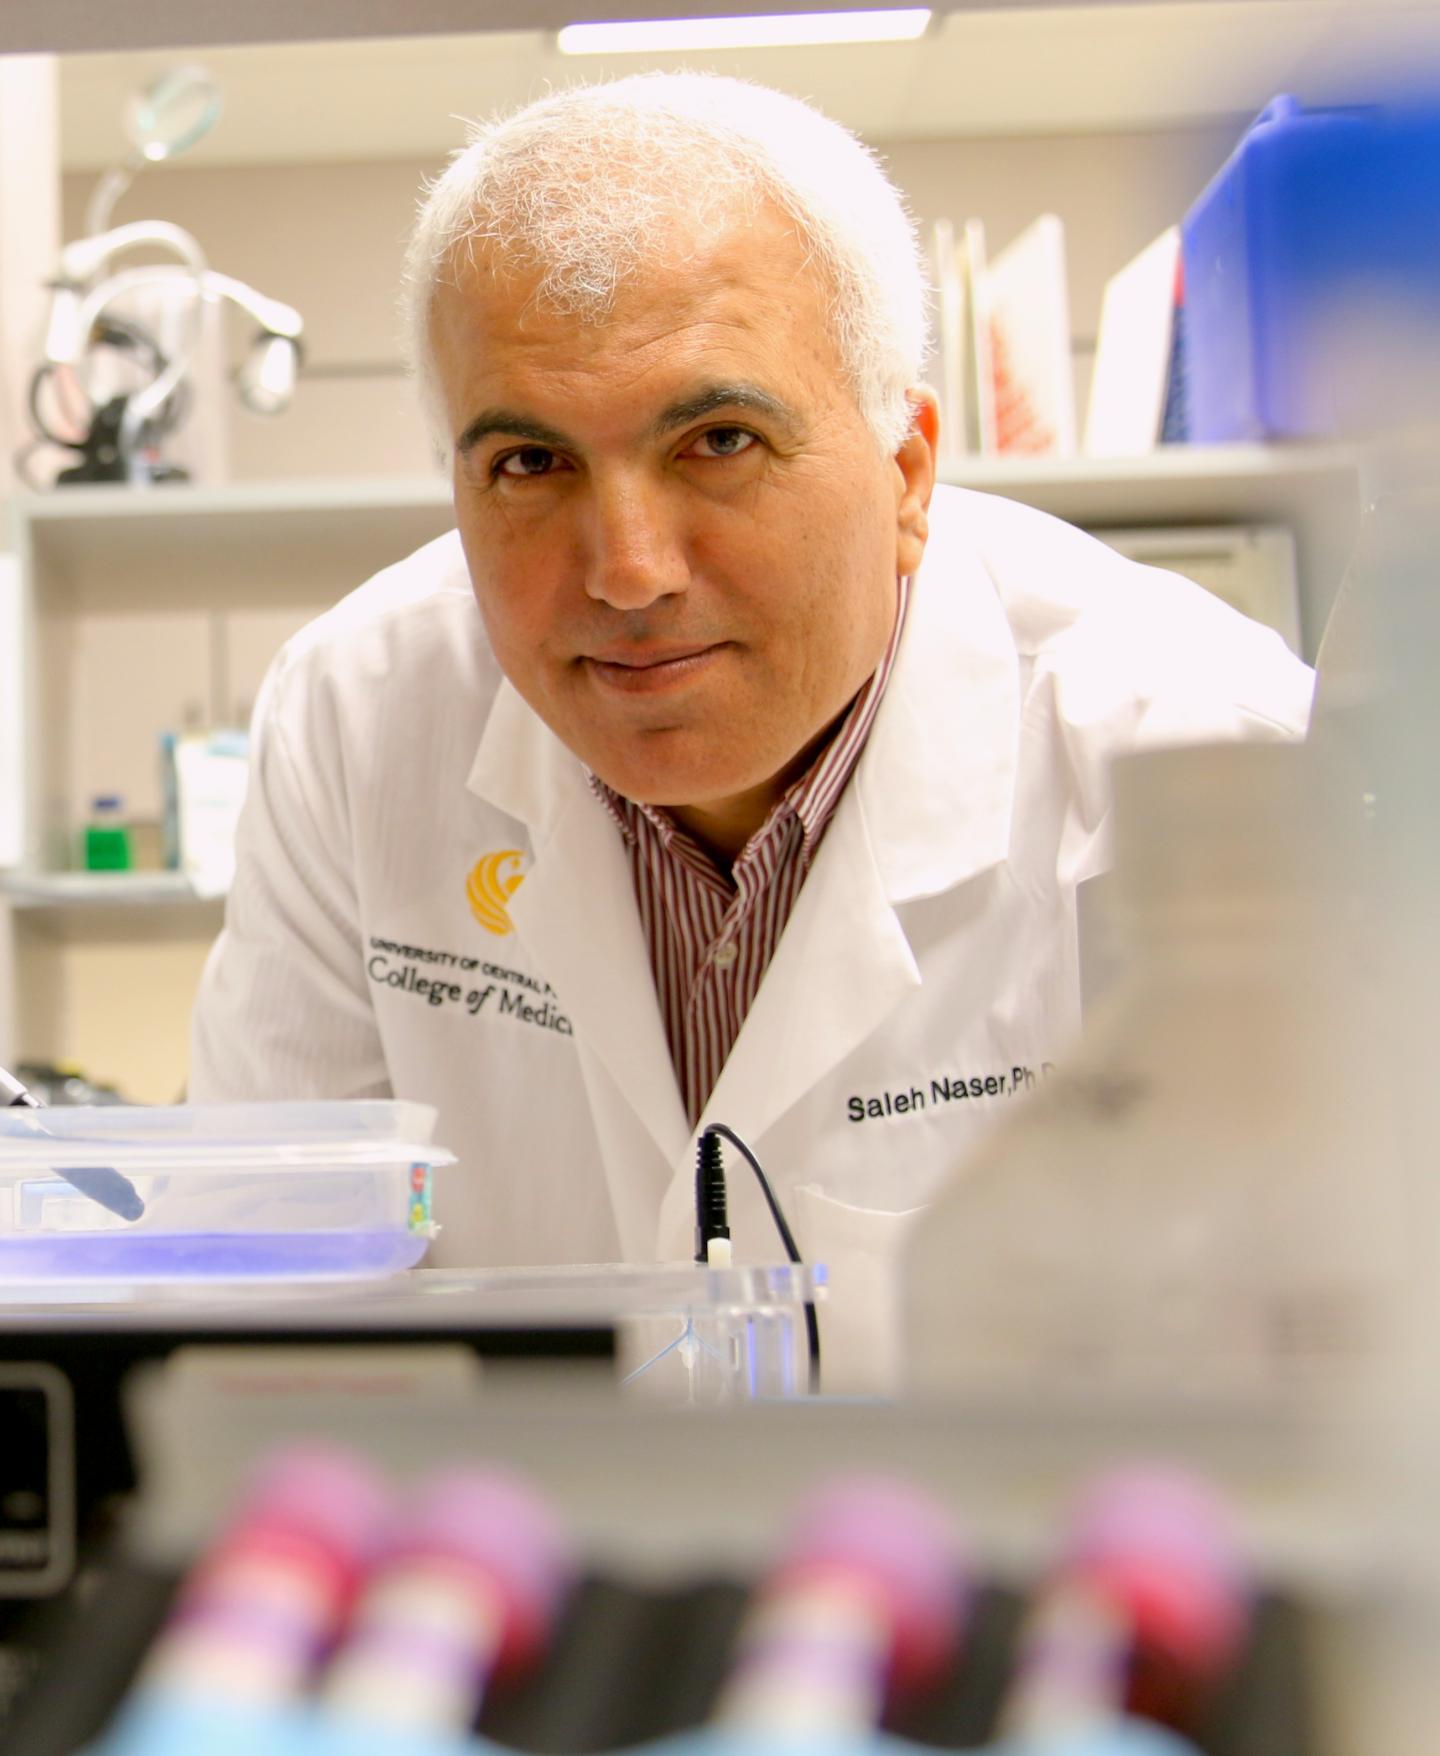 Dr. Naser, University of Central Florida